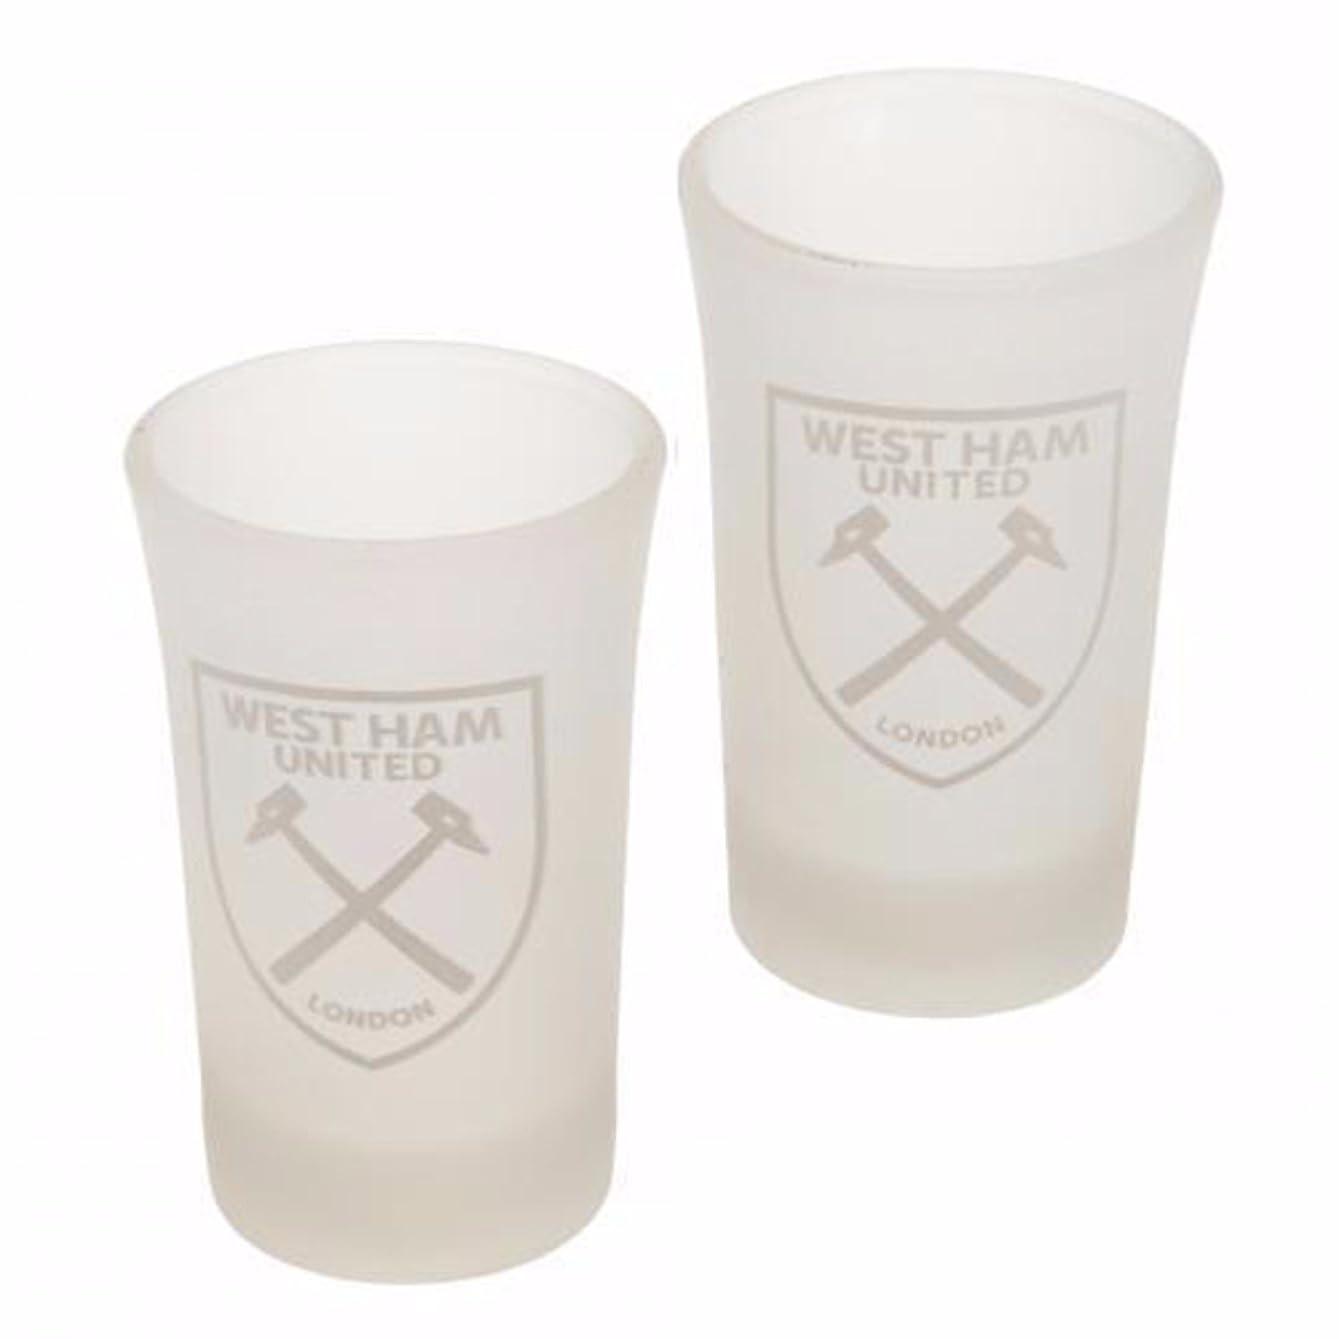 慈悲じゃがいも本West Ham United FC公式Frostedショットグラス( Pack of 2?) One Size オフホワイト UTSG10102_1